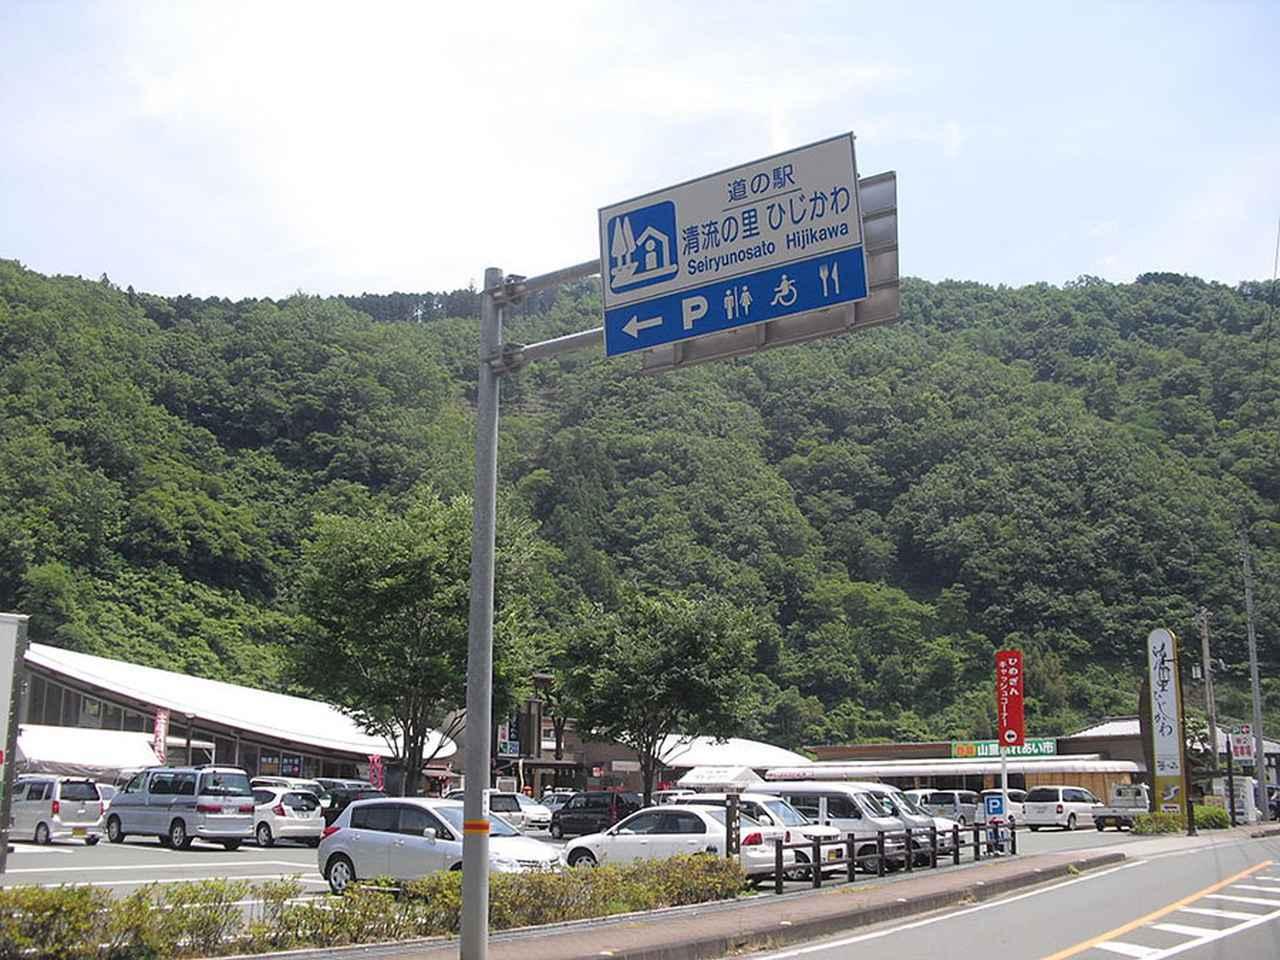 画像: 清流の里ひじかわ(徳島⑧  仮眠環境 〇 25日目に利用。トイレはきれいに清掃されており、深夜は静かで良い。規模は小さいがスーパーやコンビニ、野菜直売所のほかレストランもあり施設が充実している。コインランドリーもある。